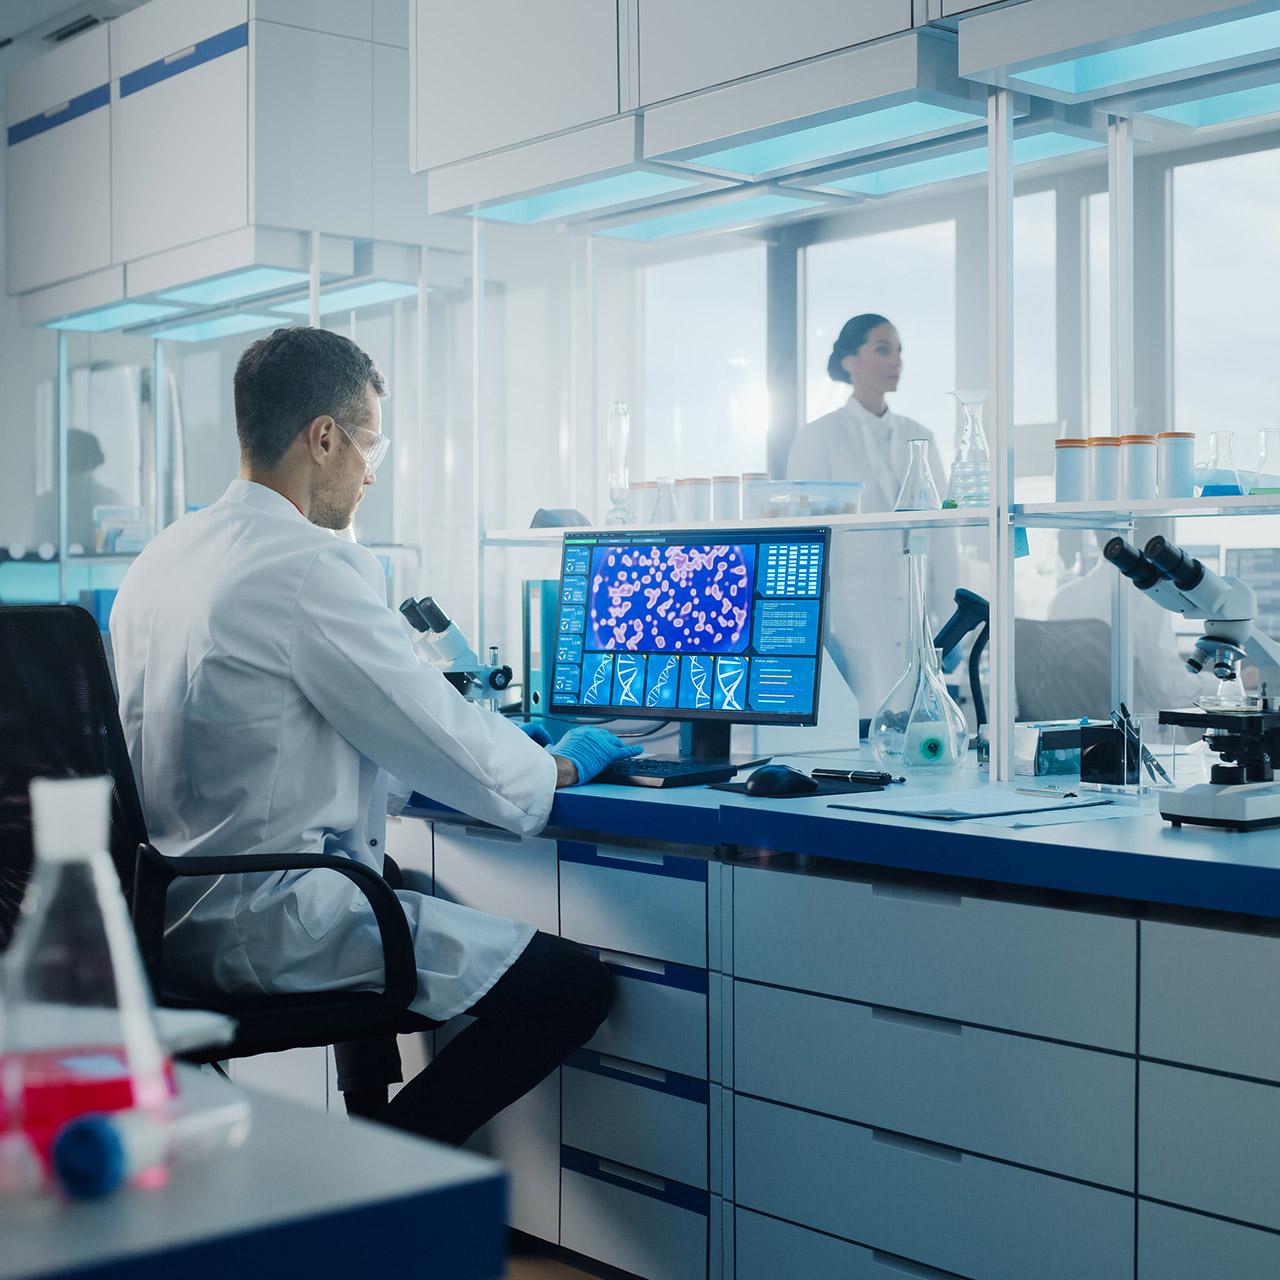 life sciences business processes